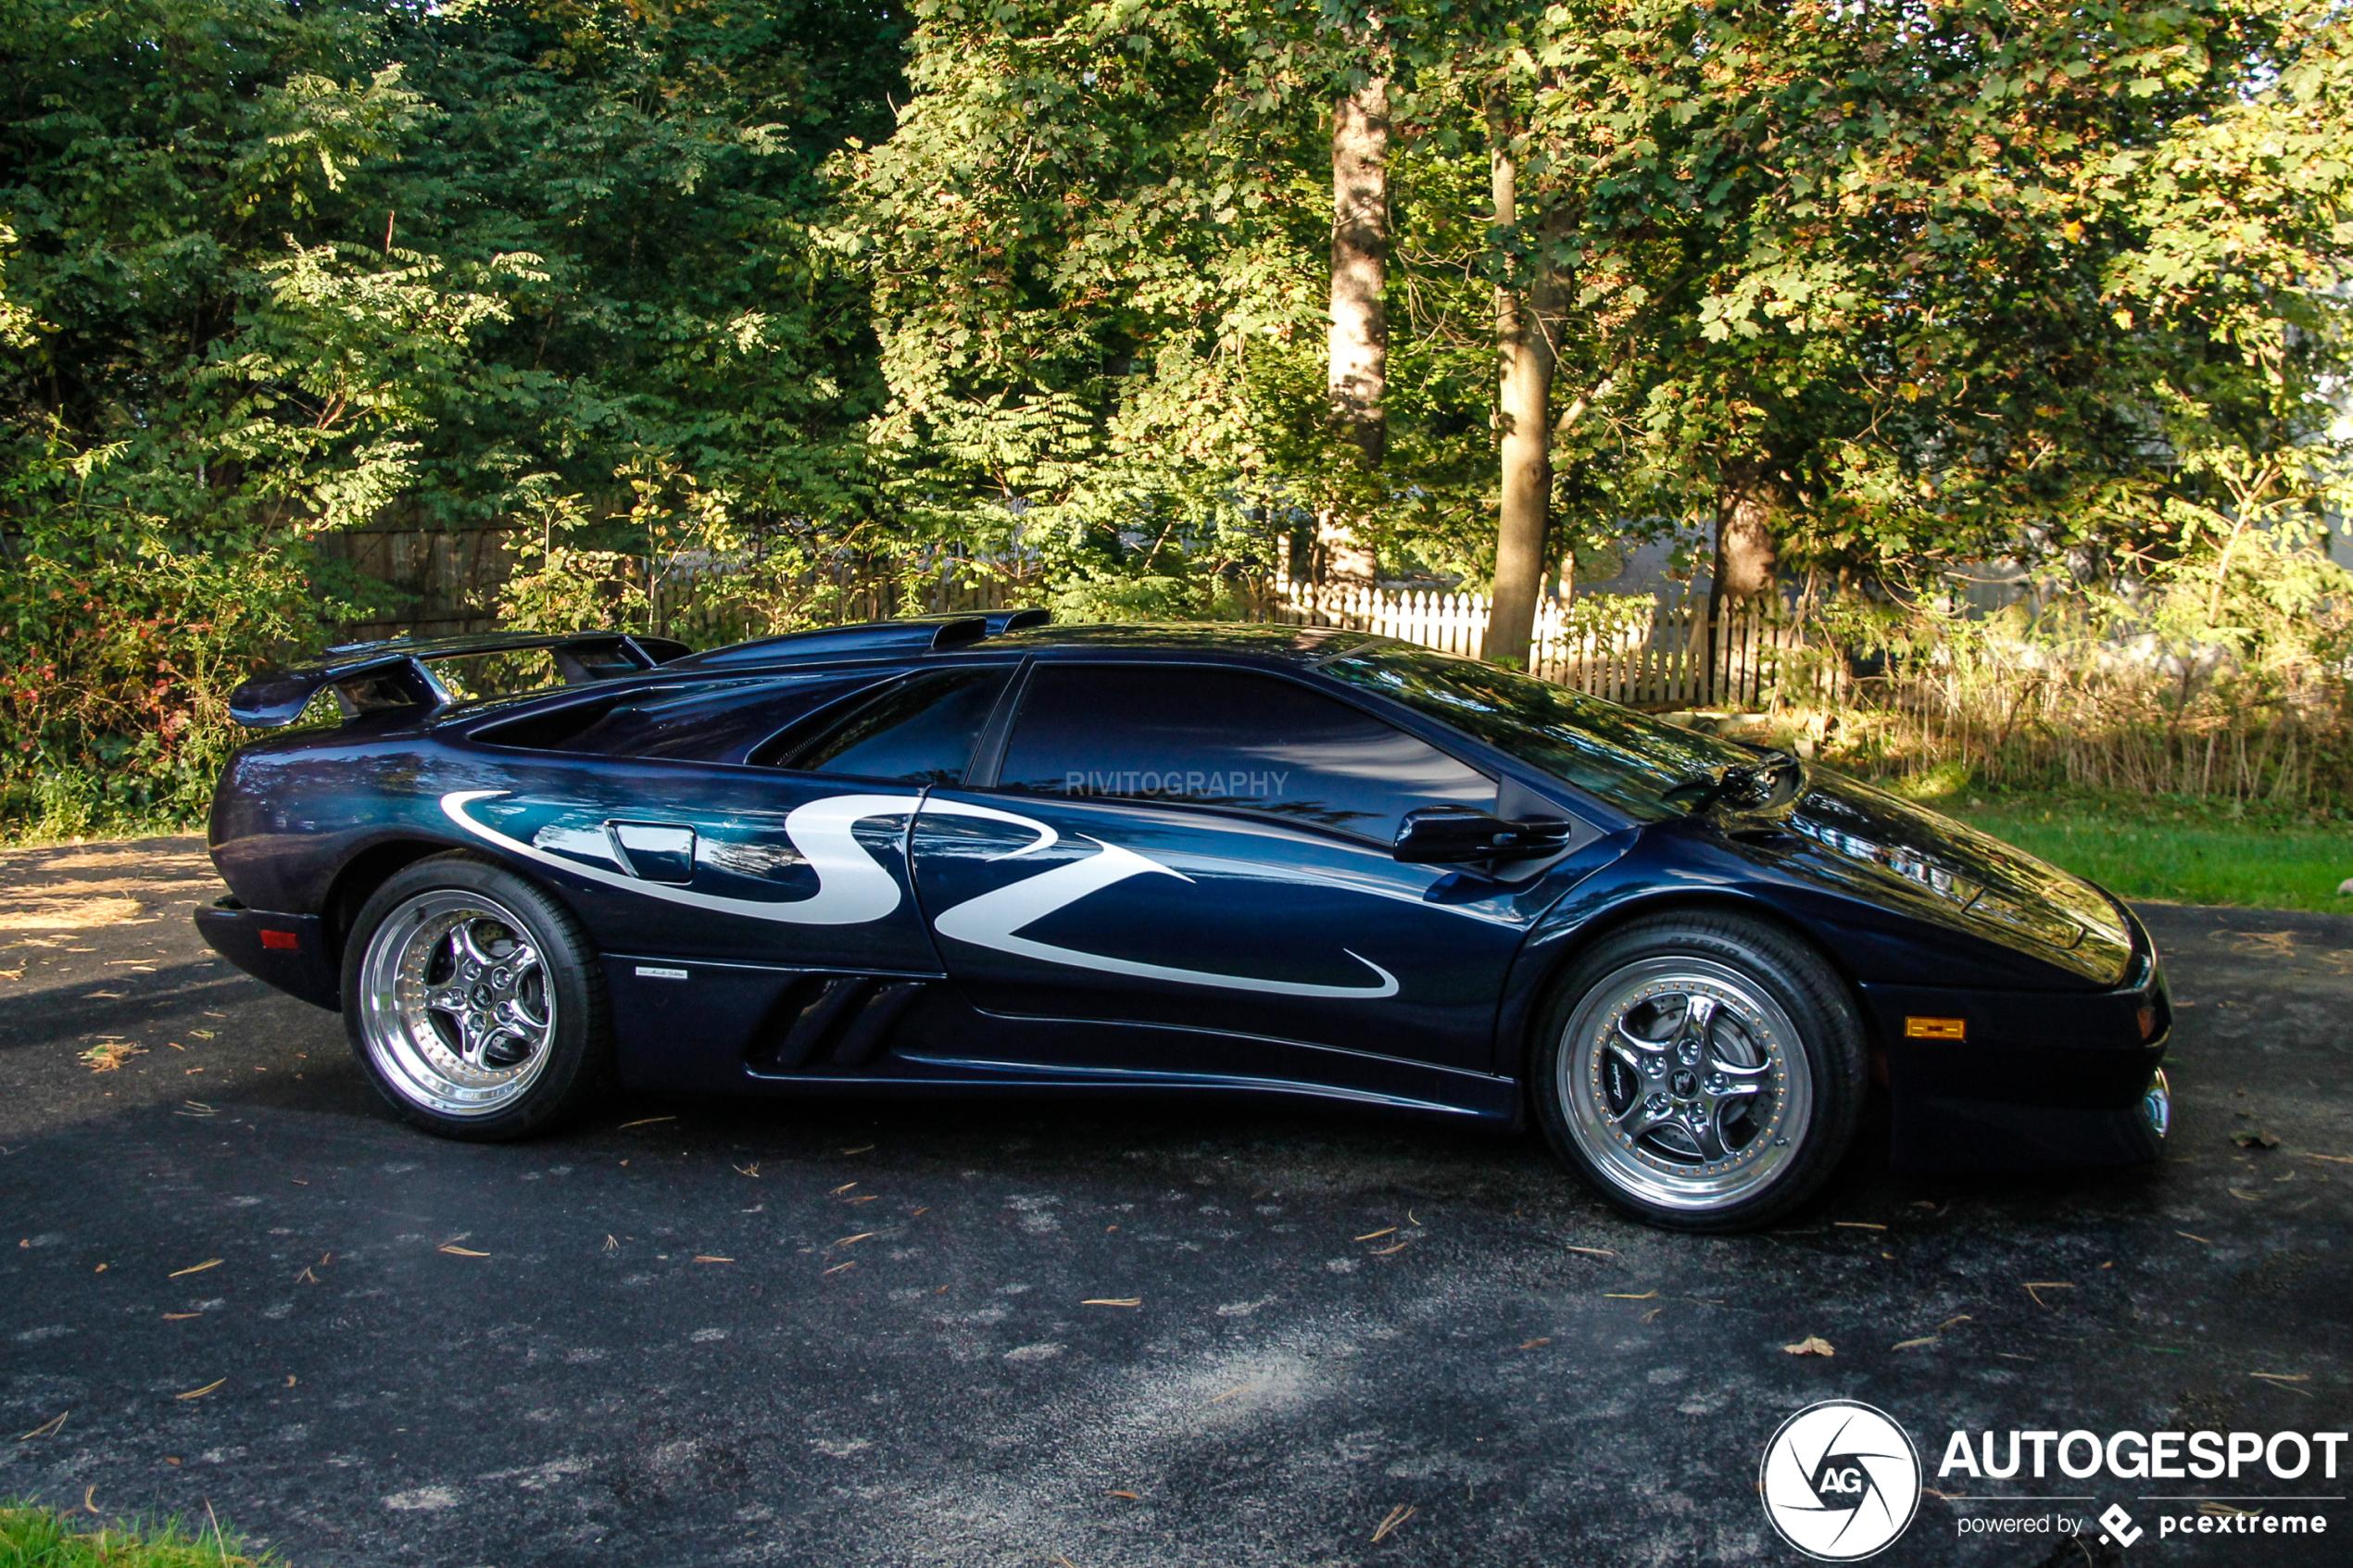 LamborghiniDiablo SV Monterey Edition